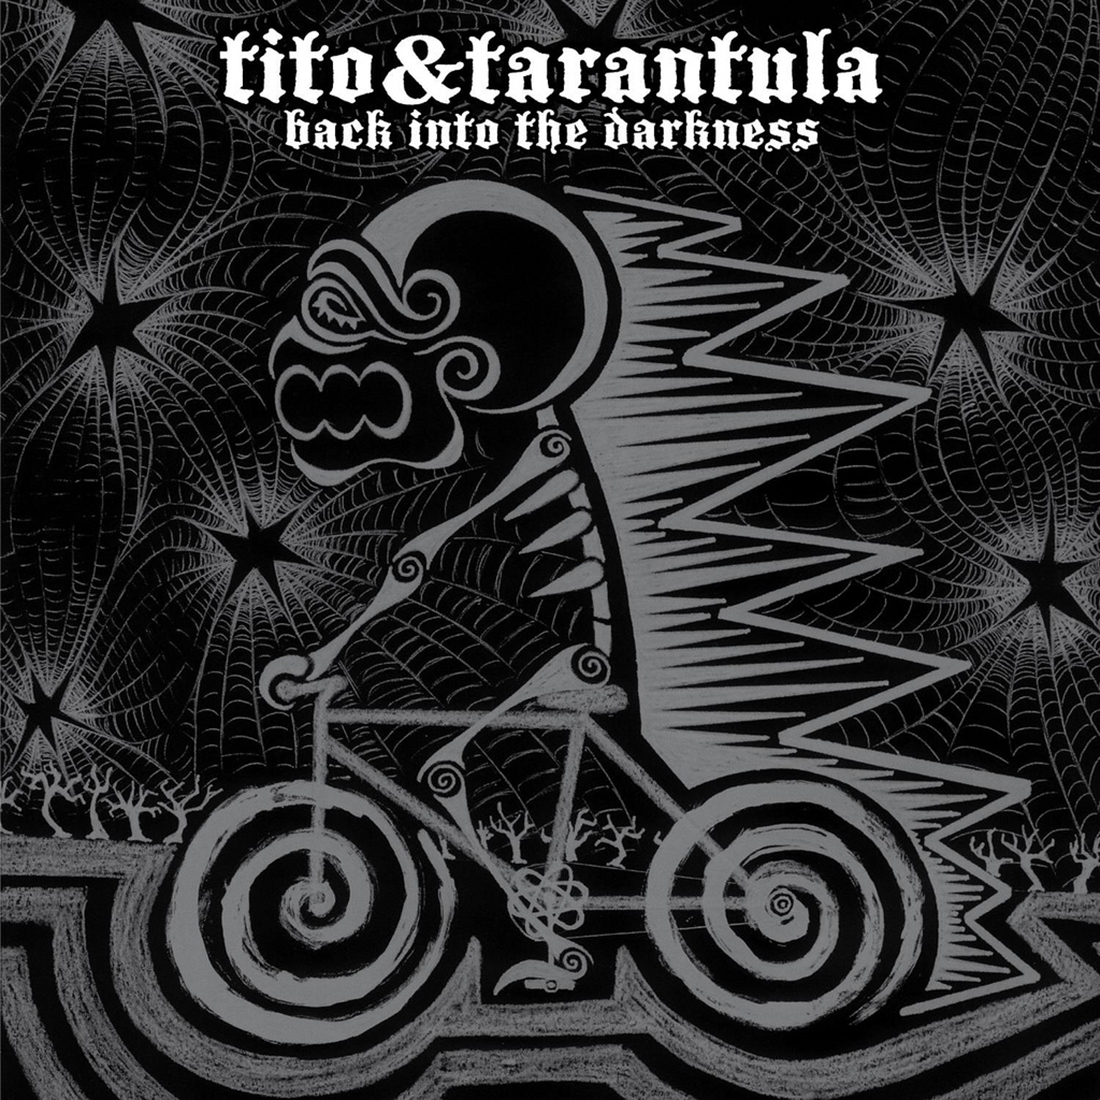 Tito & Tarantula: Back Into the Darkness (2008)